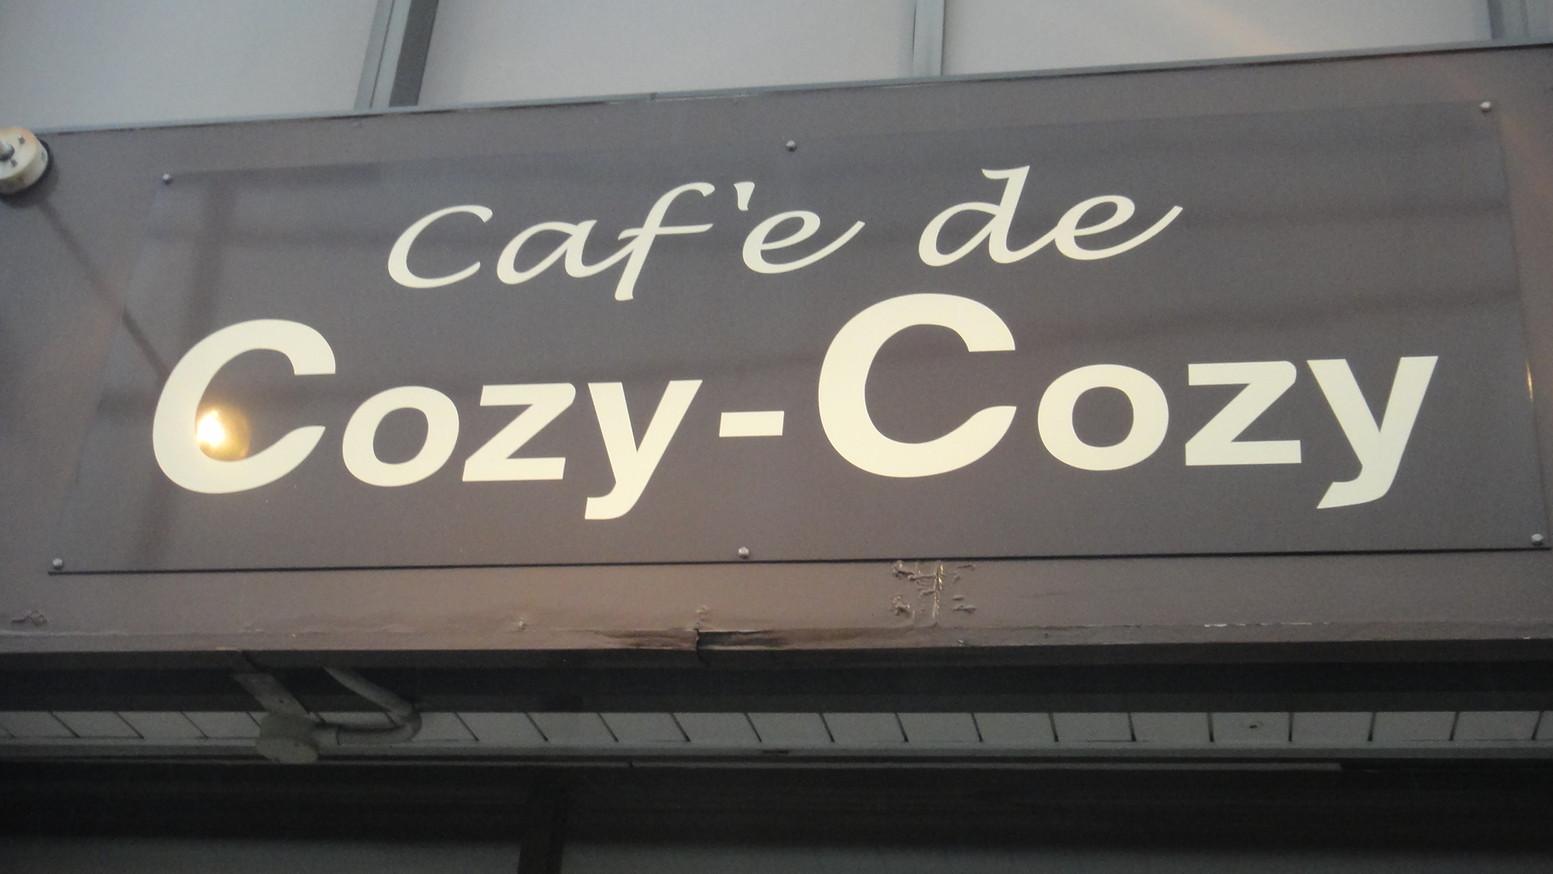 Cozy-Cozy